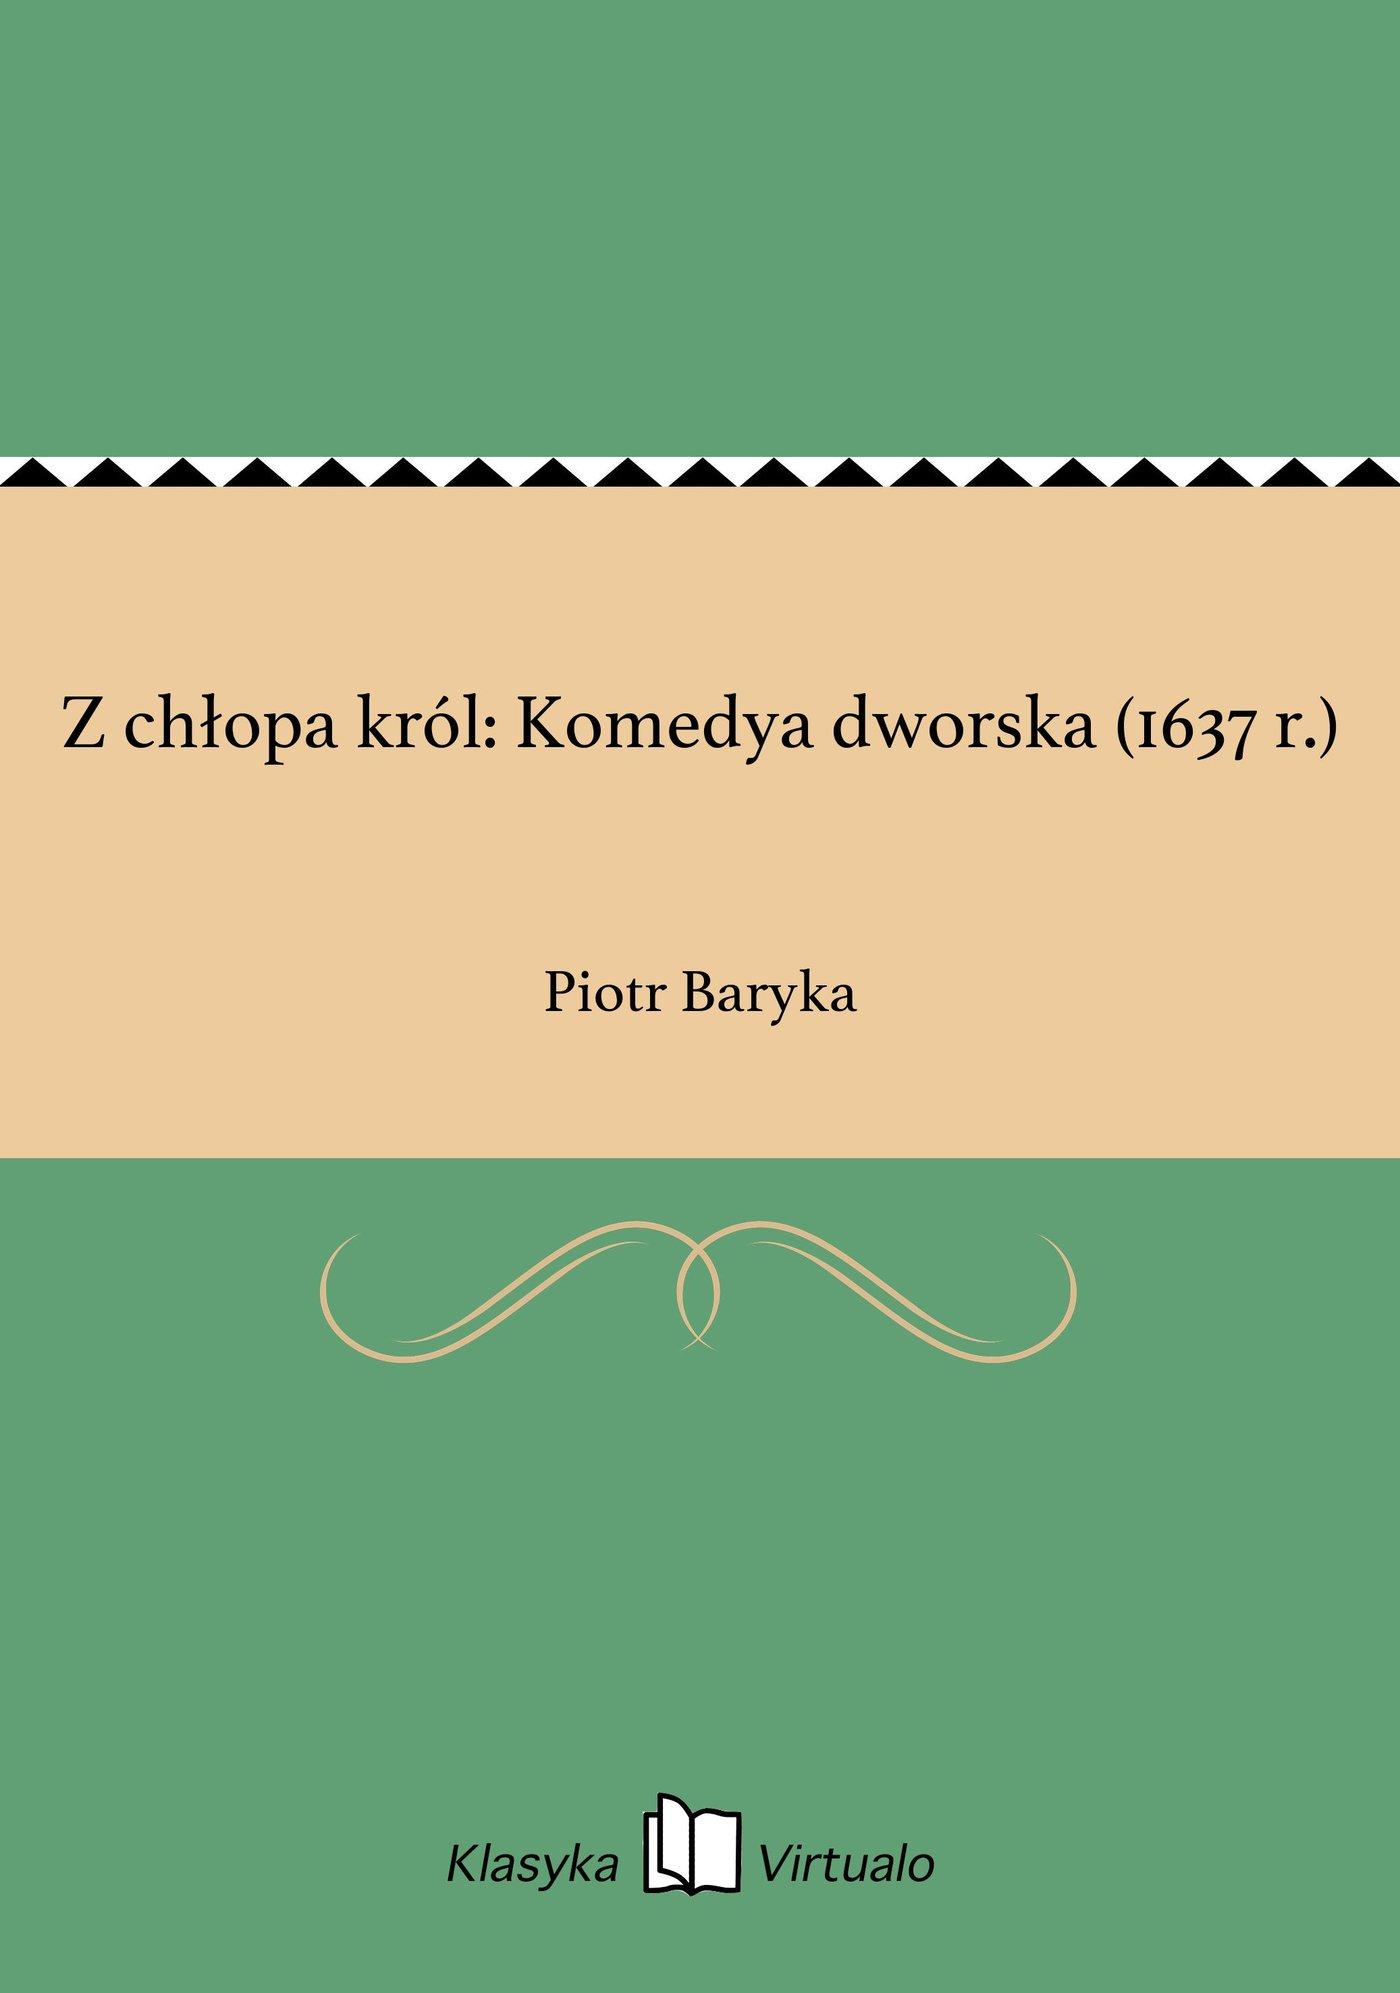 Z chłopa król: Komedya dworska (1637 r.) - Ebook (Książka EPUB) do pobrania w formacie EPUB